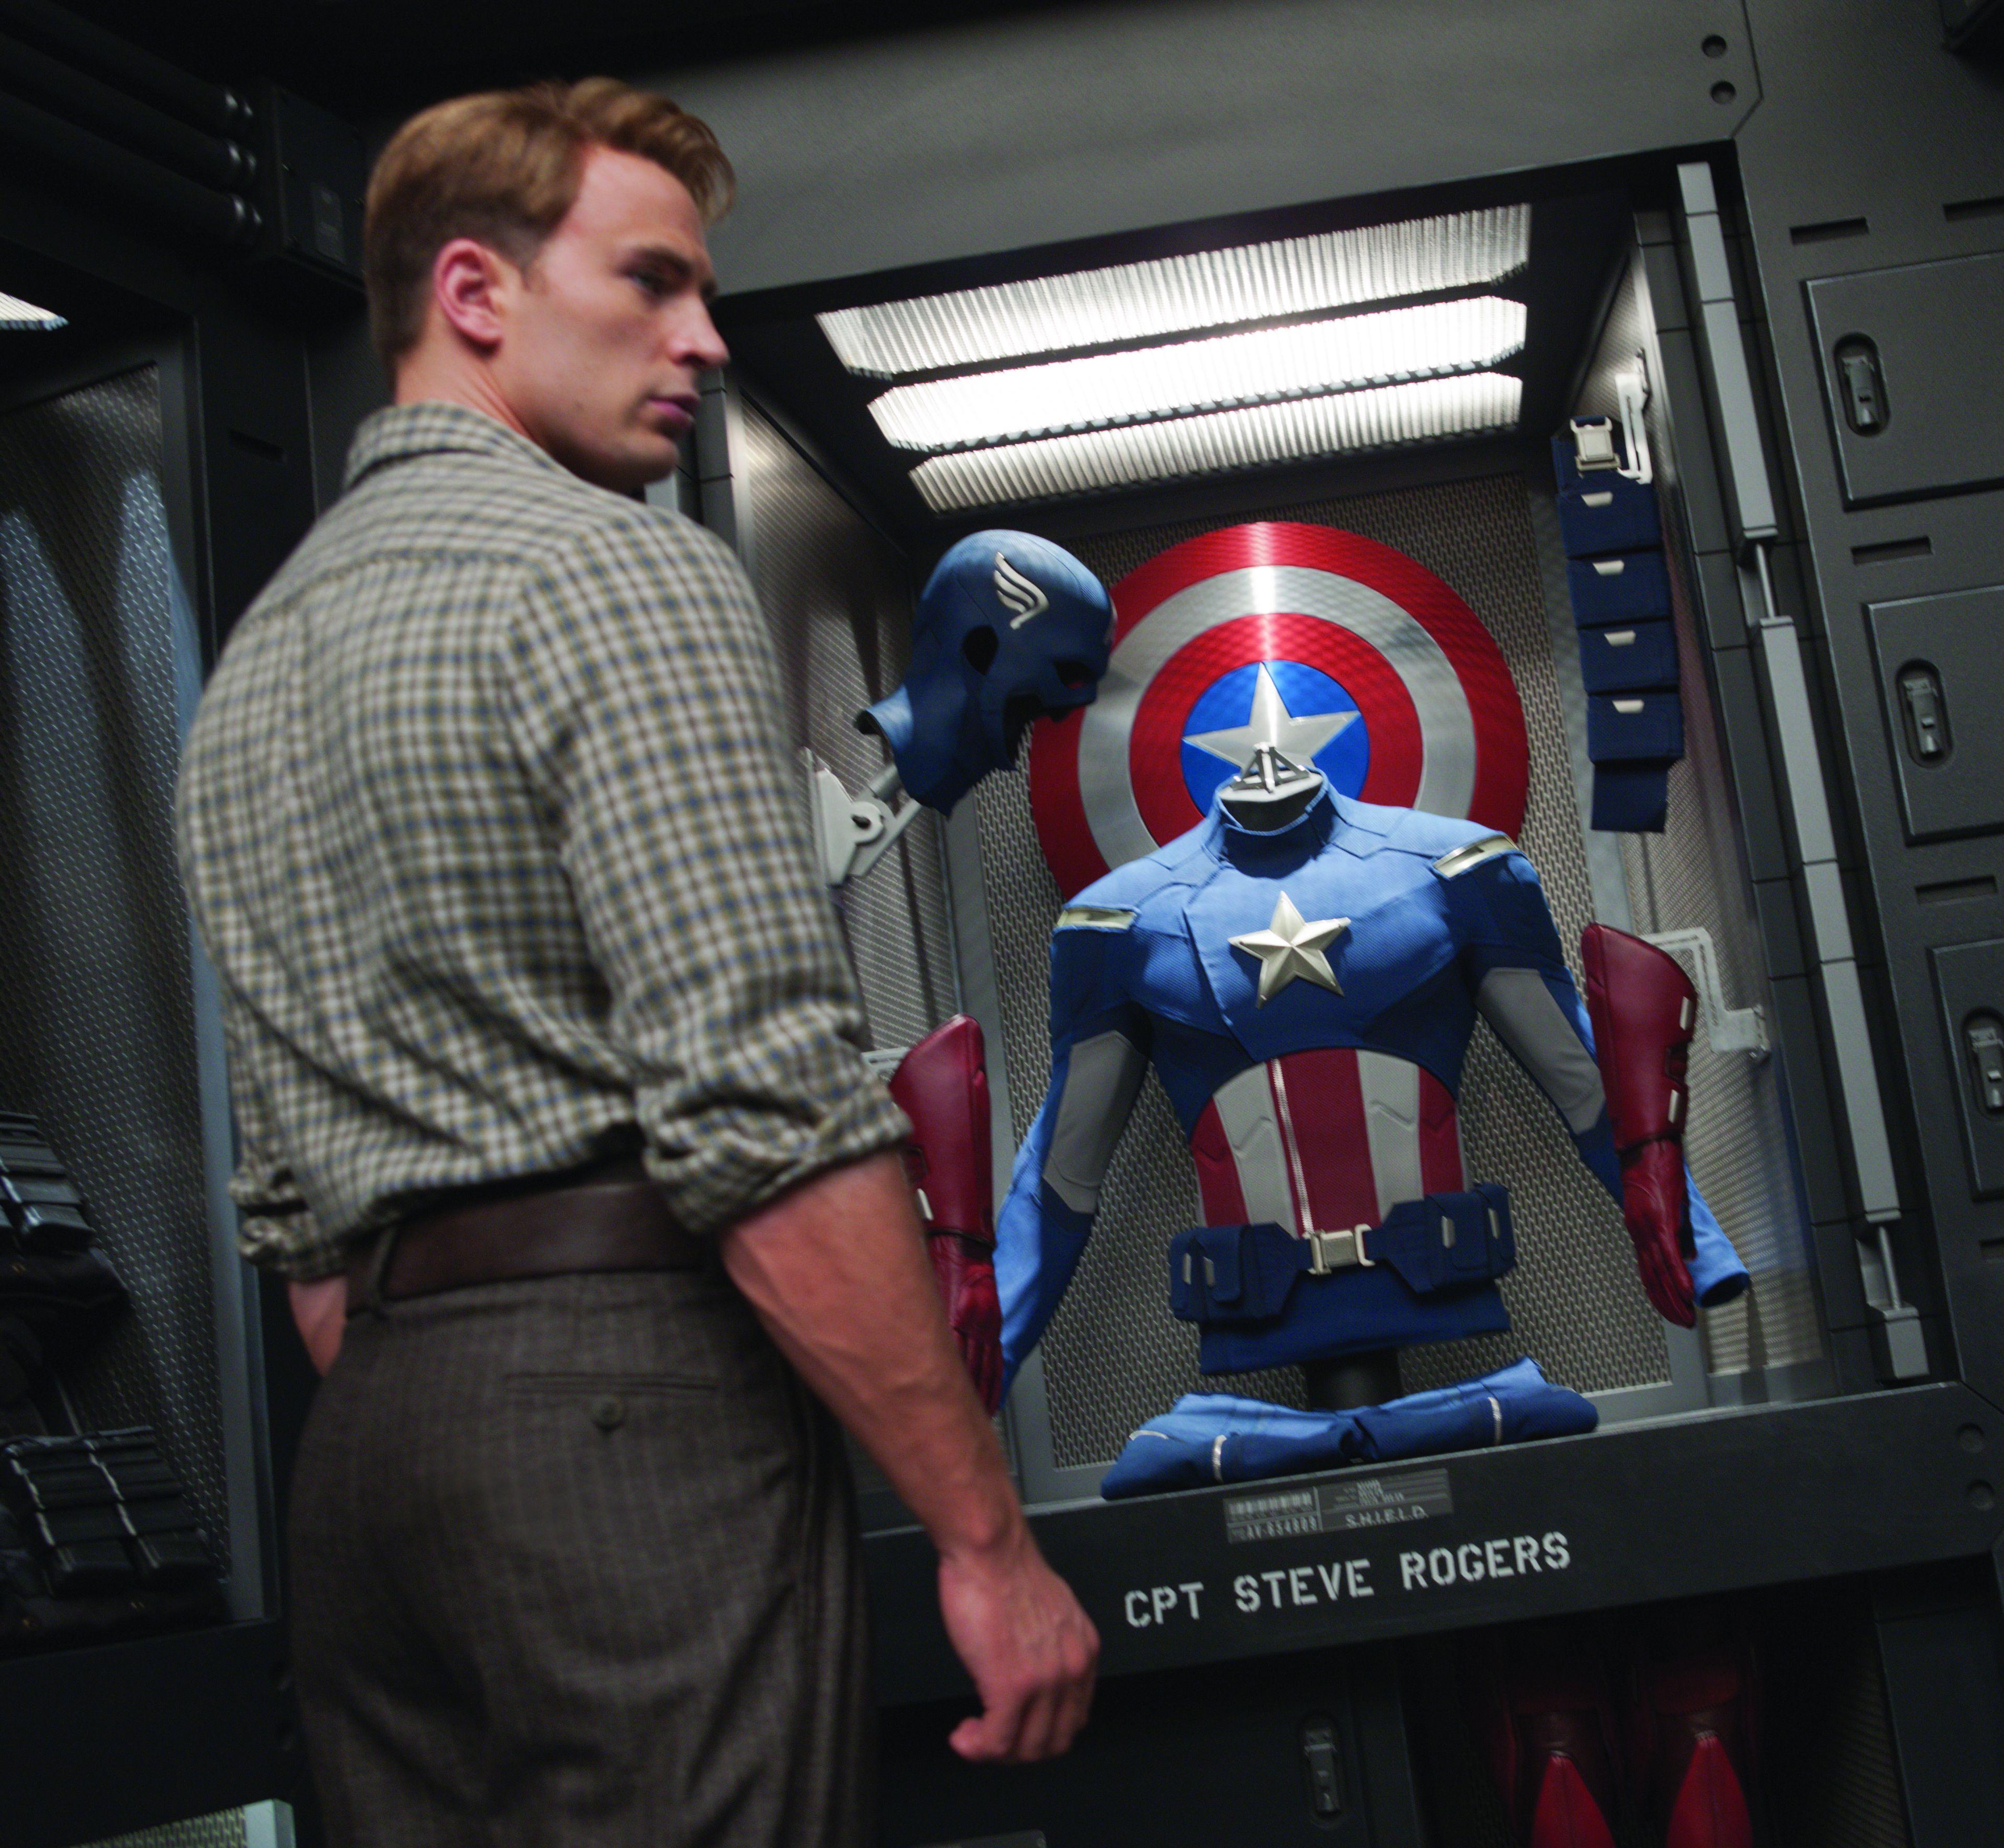 CPT Steve Rogers in The Avengers